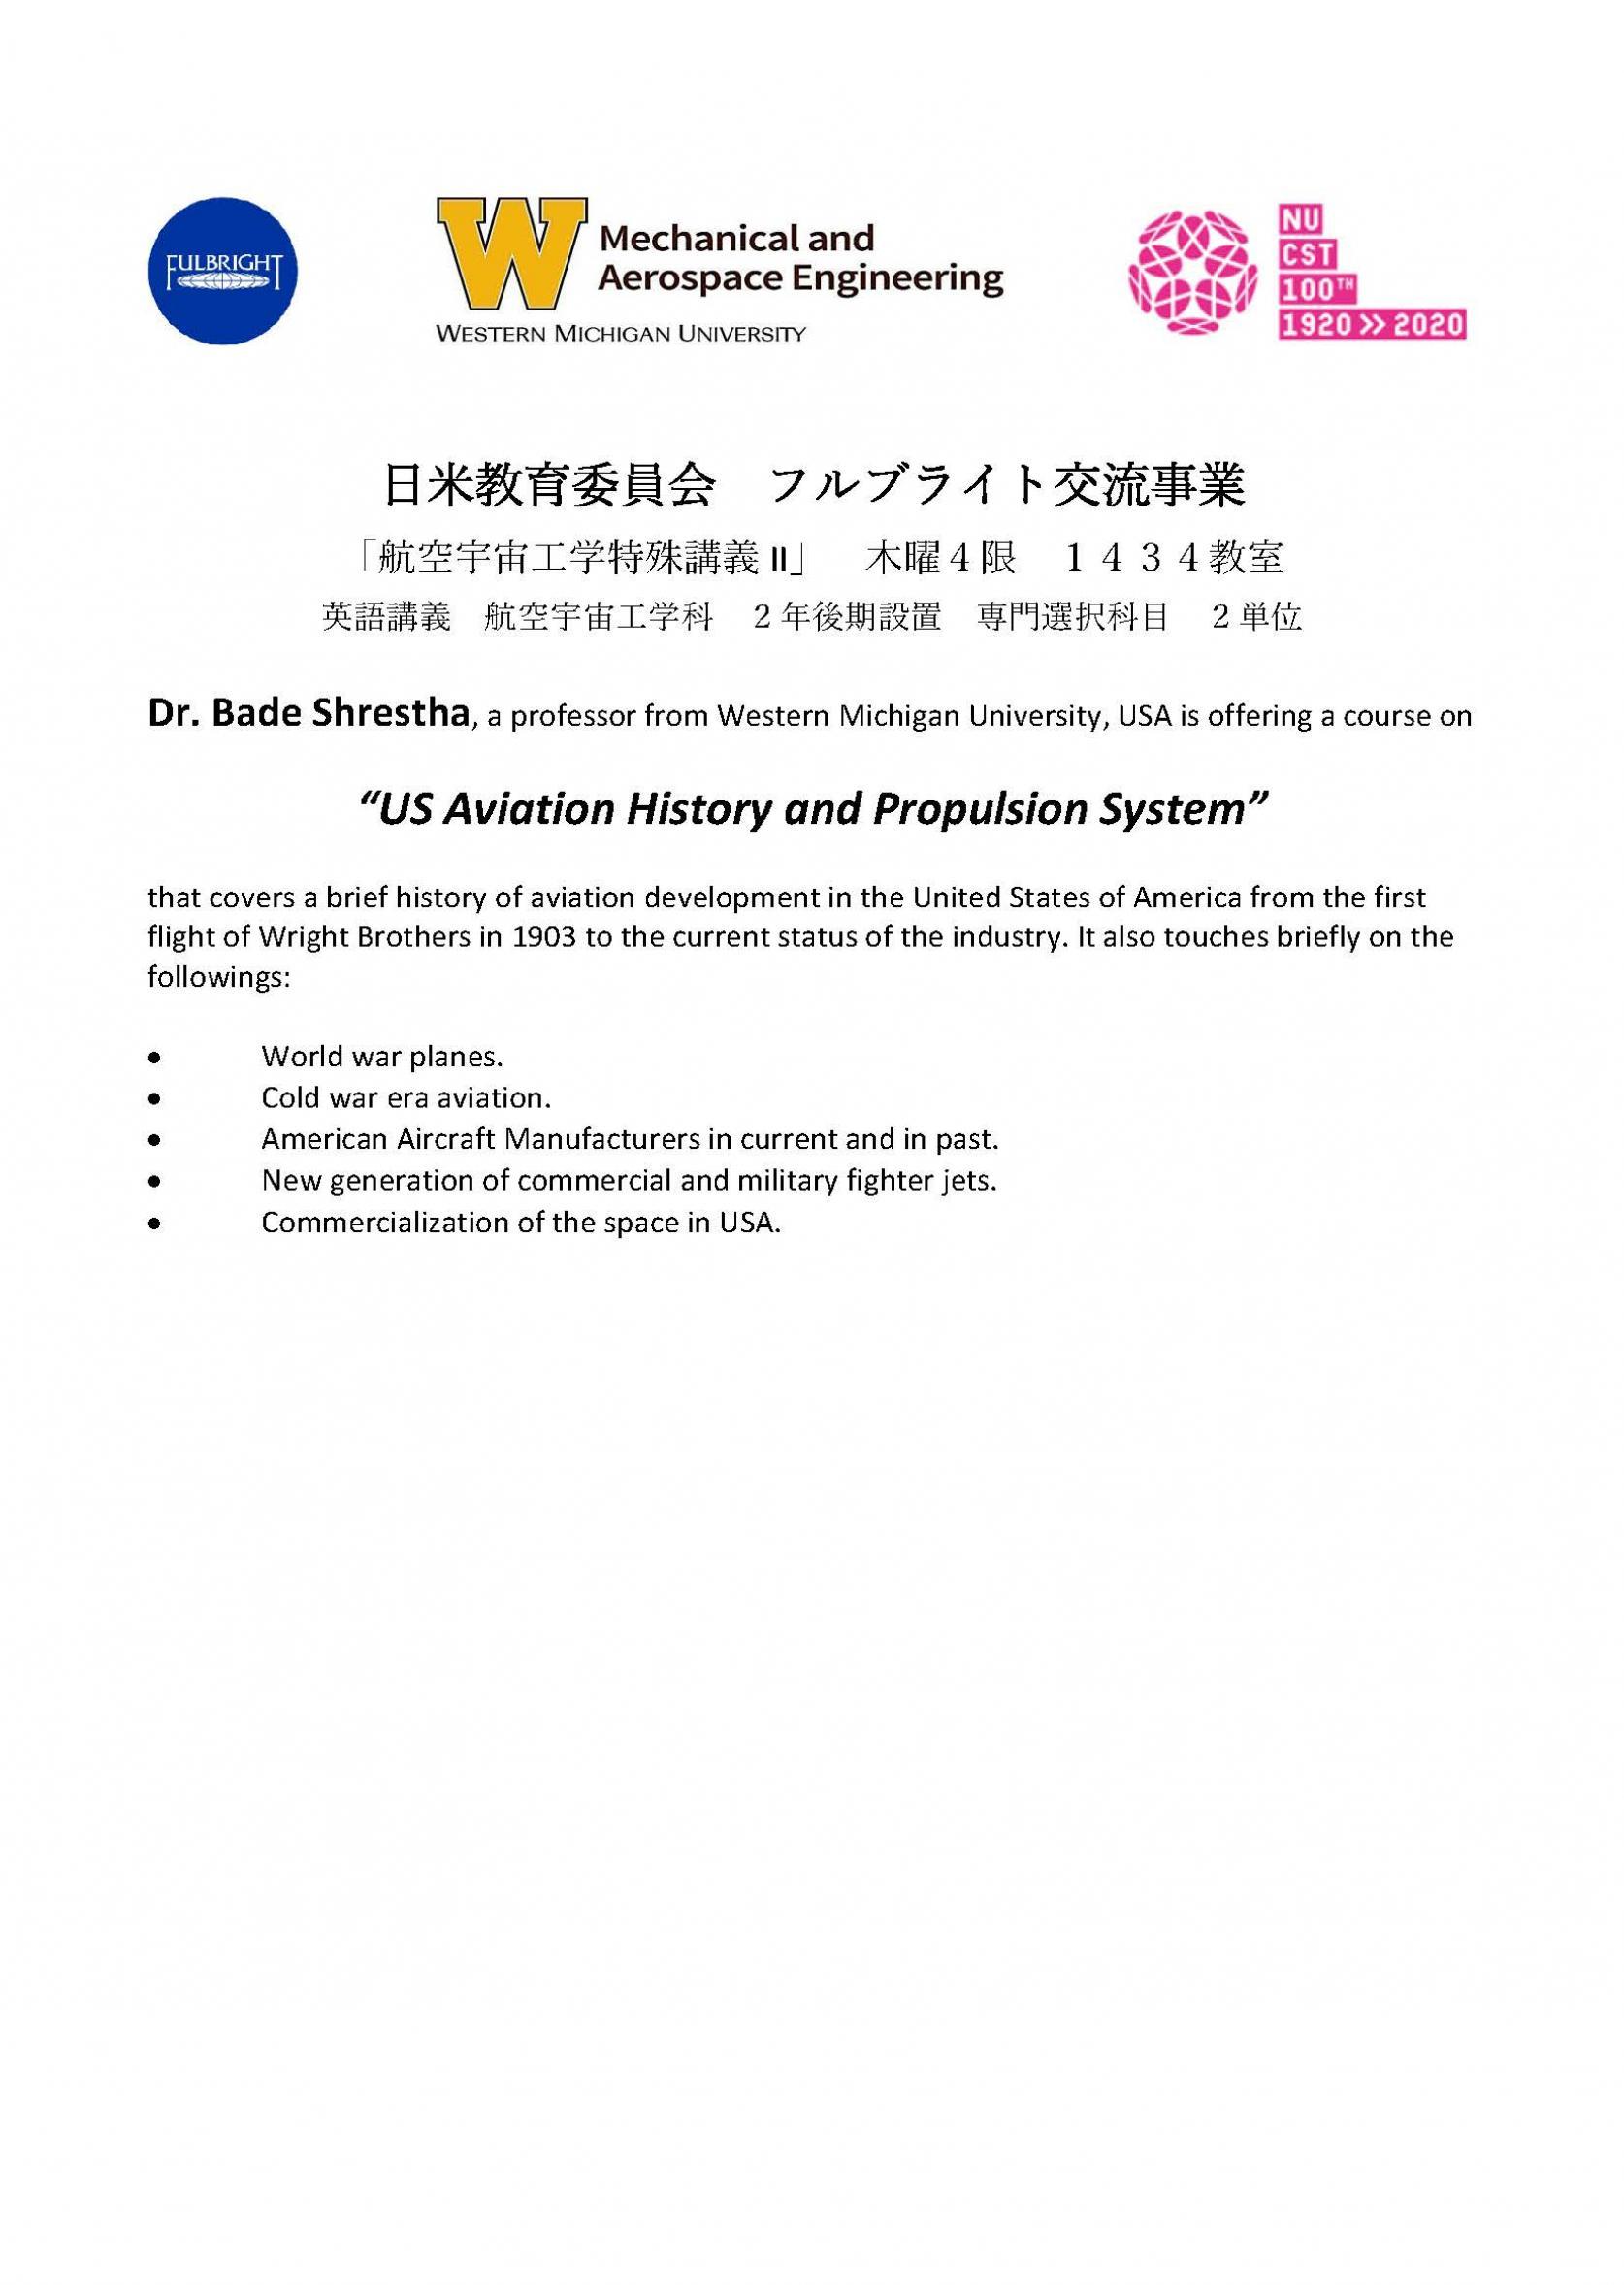 日米教育委員会フルブライト交流事業による英語授業の実施について